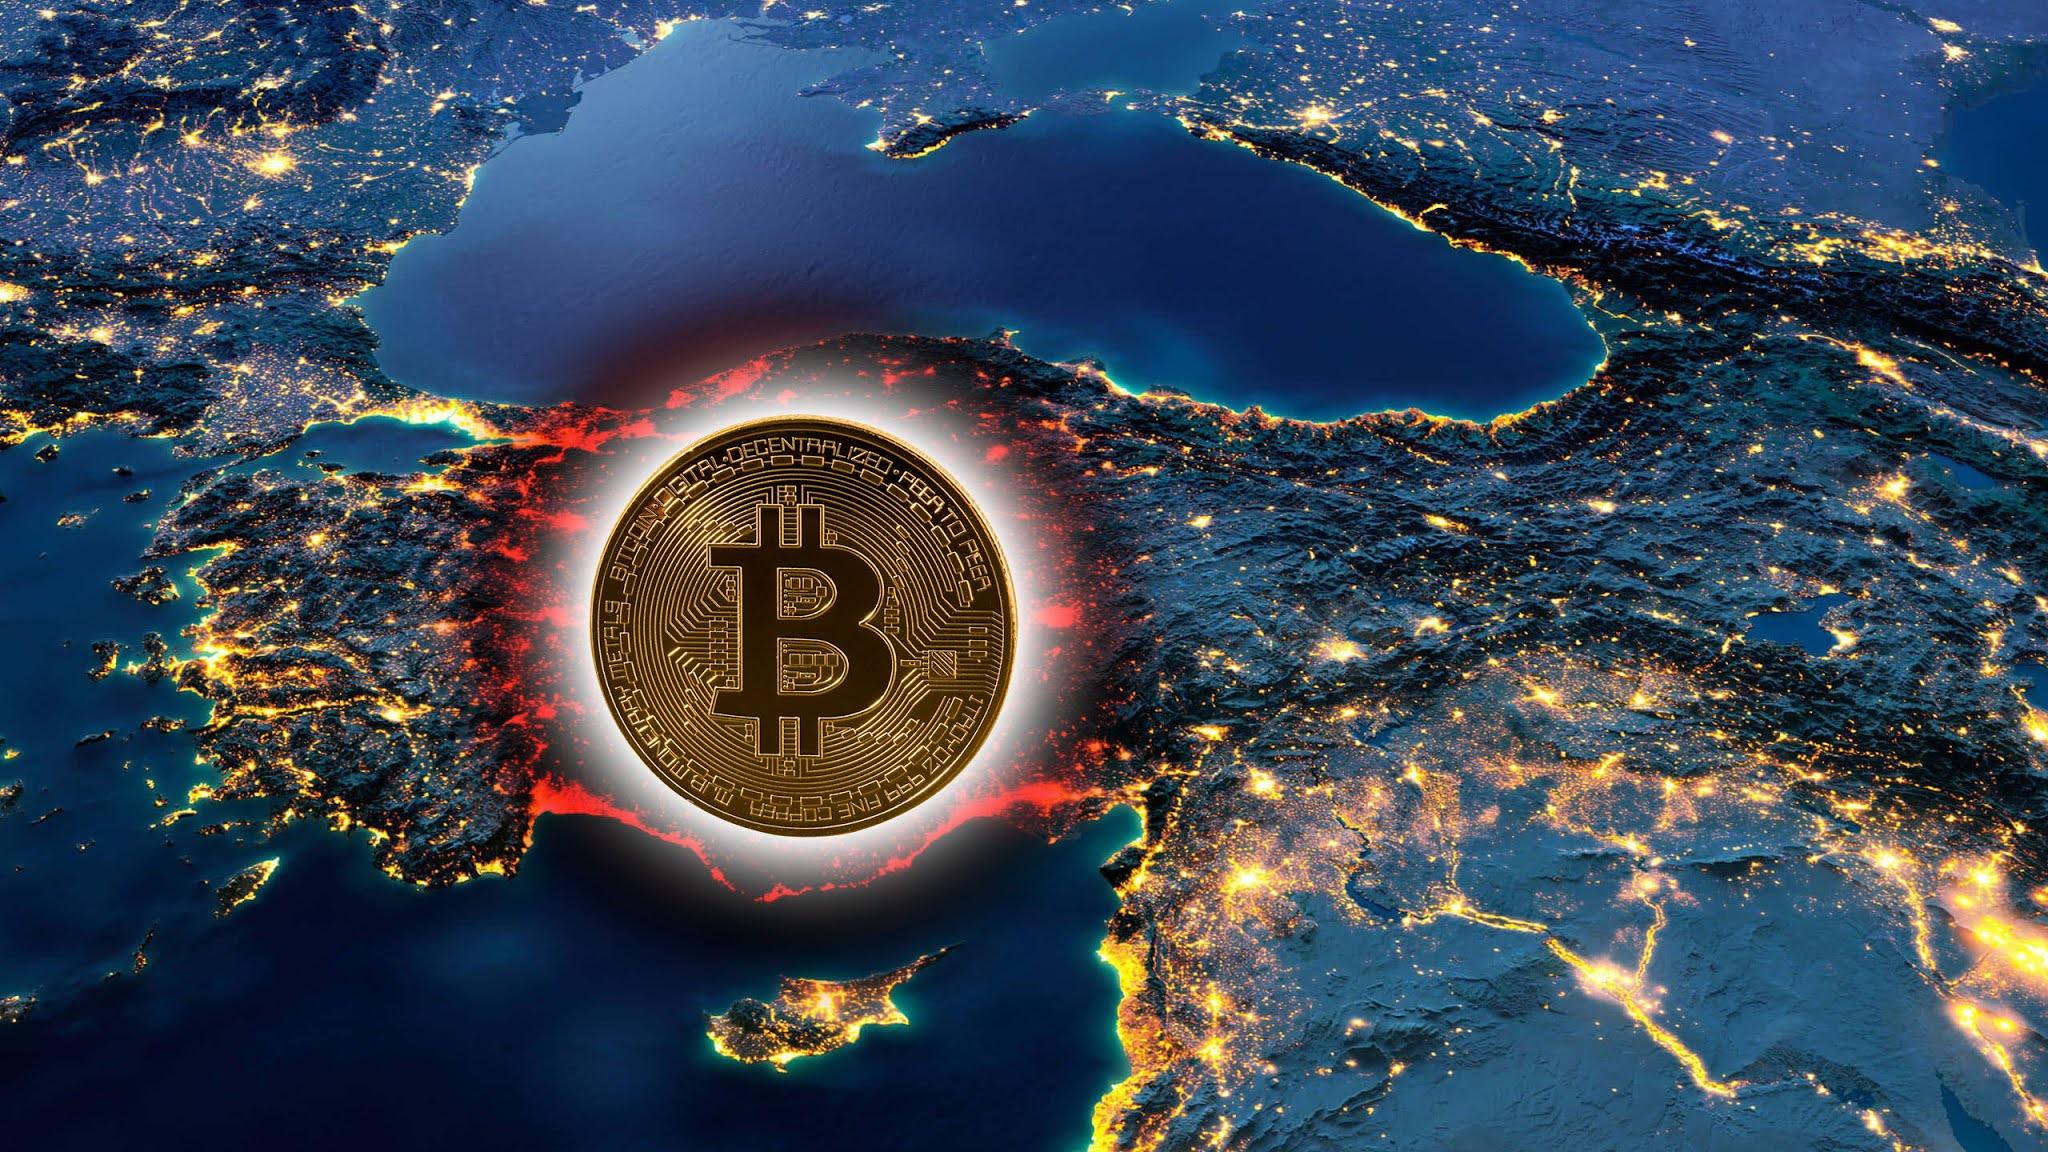 Türkiye'de Bitcoin ve kripto paralar üzerine regülasyonlar mı geliyor